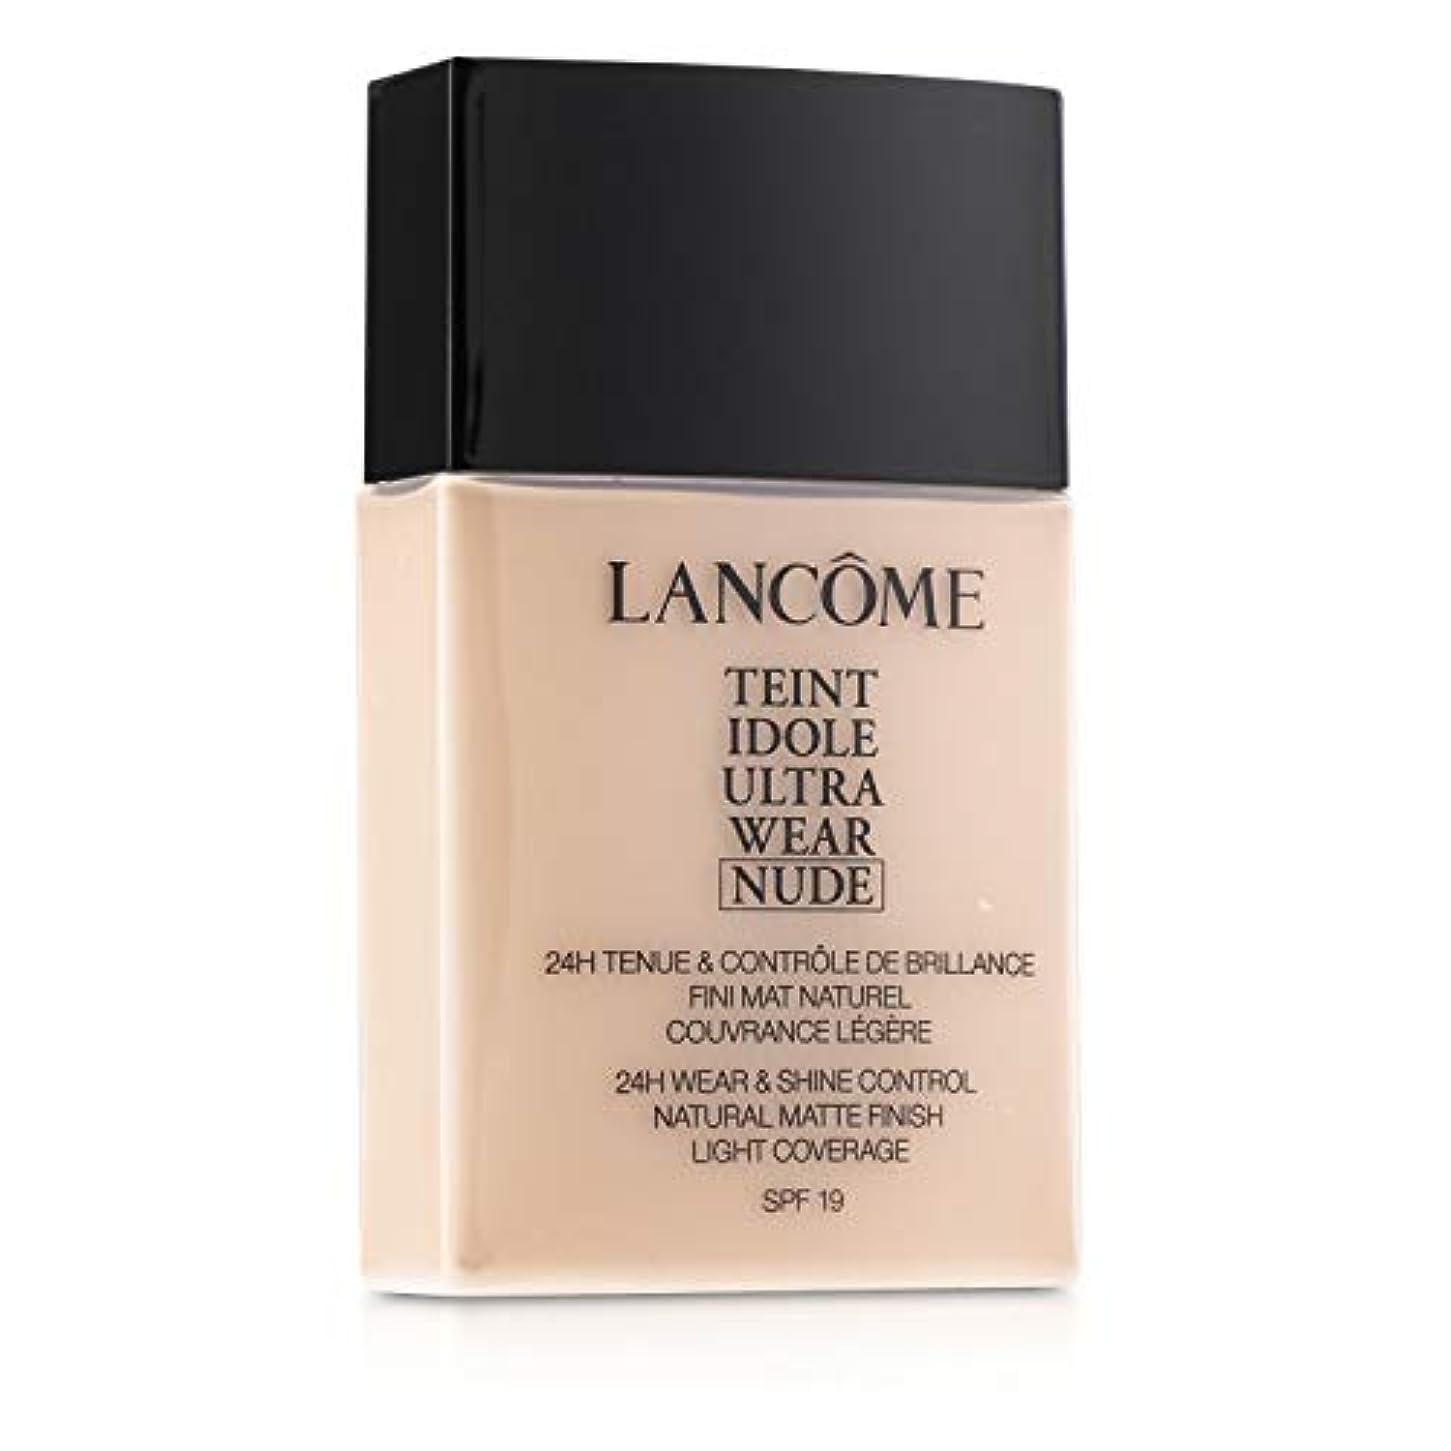 銛作りますオーブンランコム Teint Idole Ultra Wear Nude Foundation SPF19 - # 007 Beige Rose 40ml/1.3oz並行輸入品